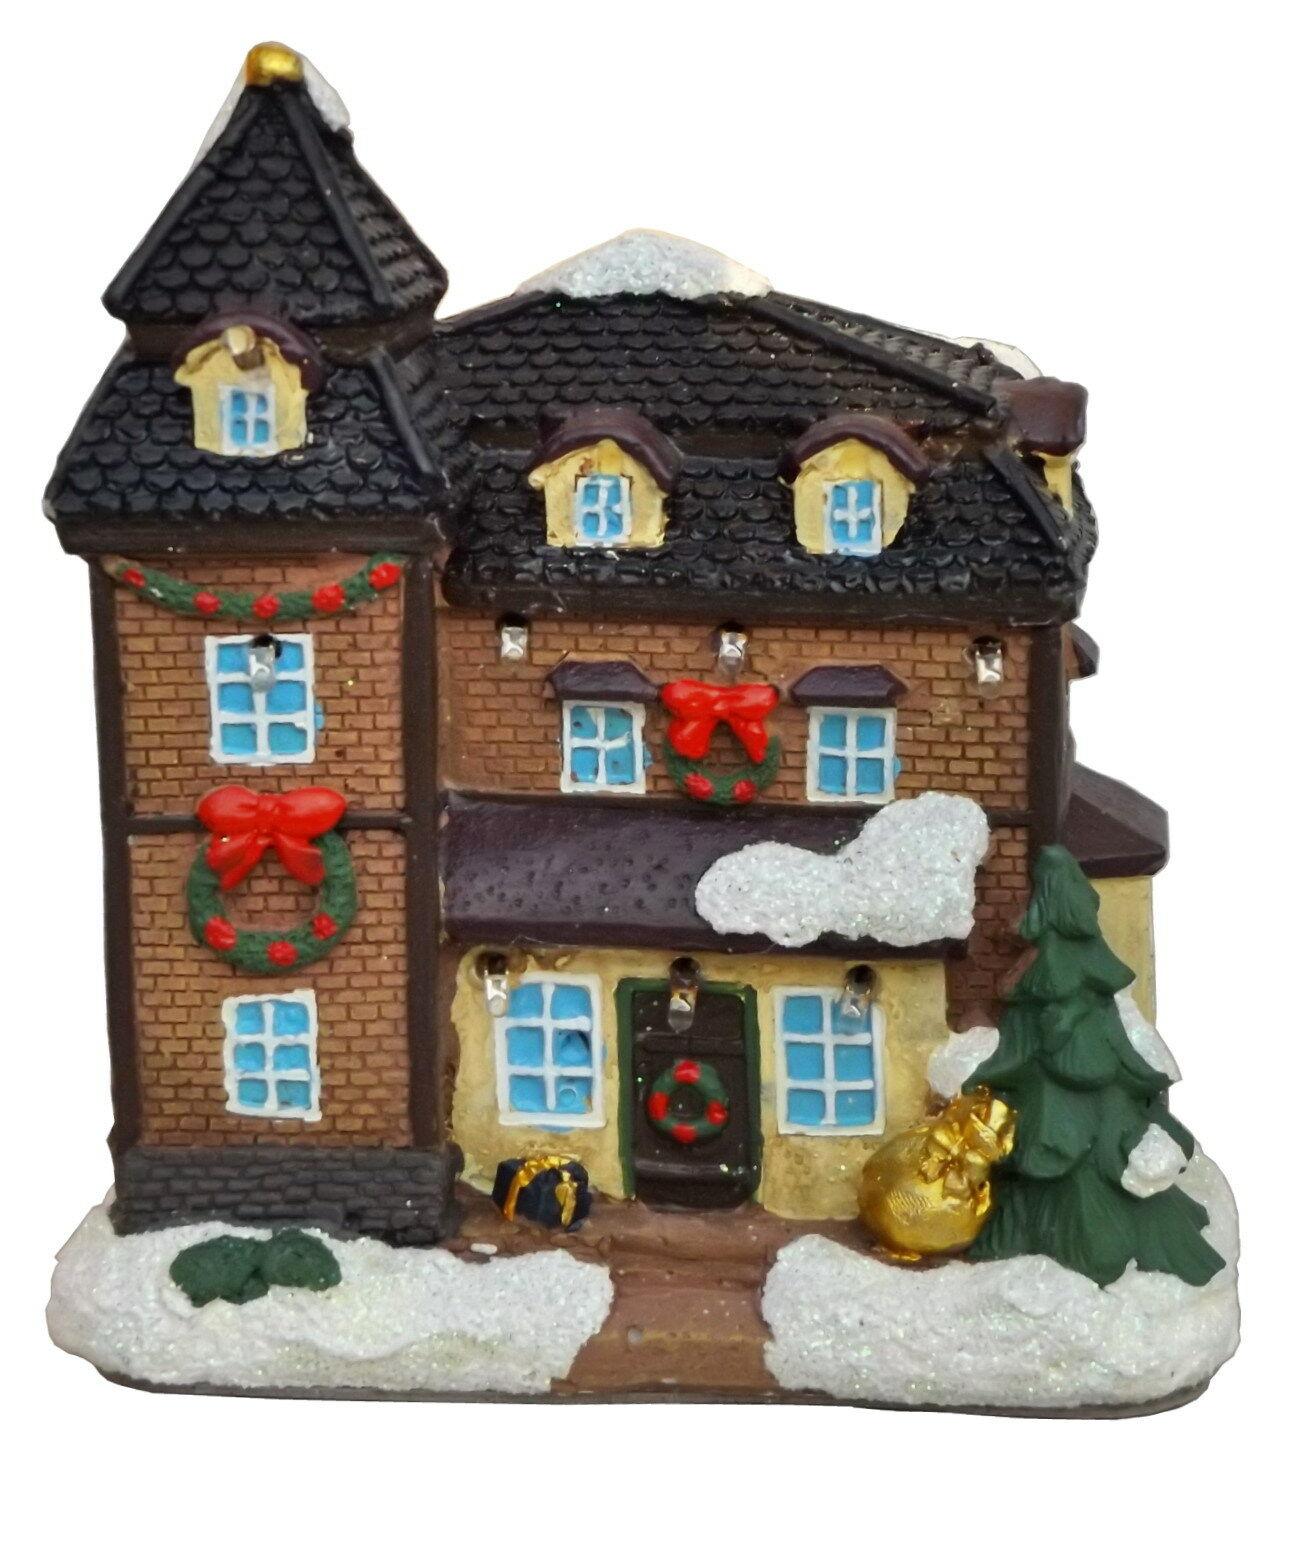 Haus Beleuchten lichthaus led beleuchtet leuchthaus weihnachts winter deko haus dorf